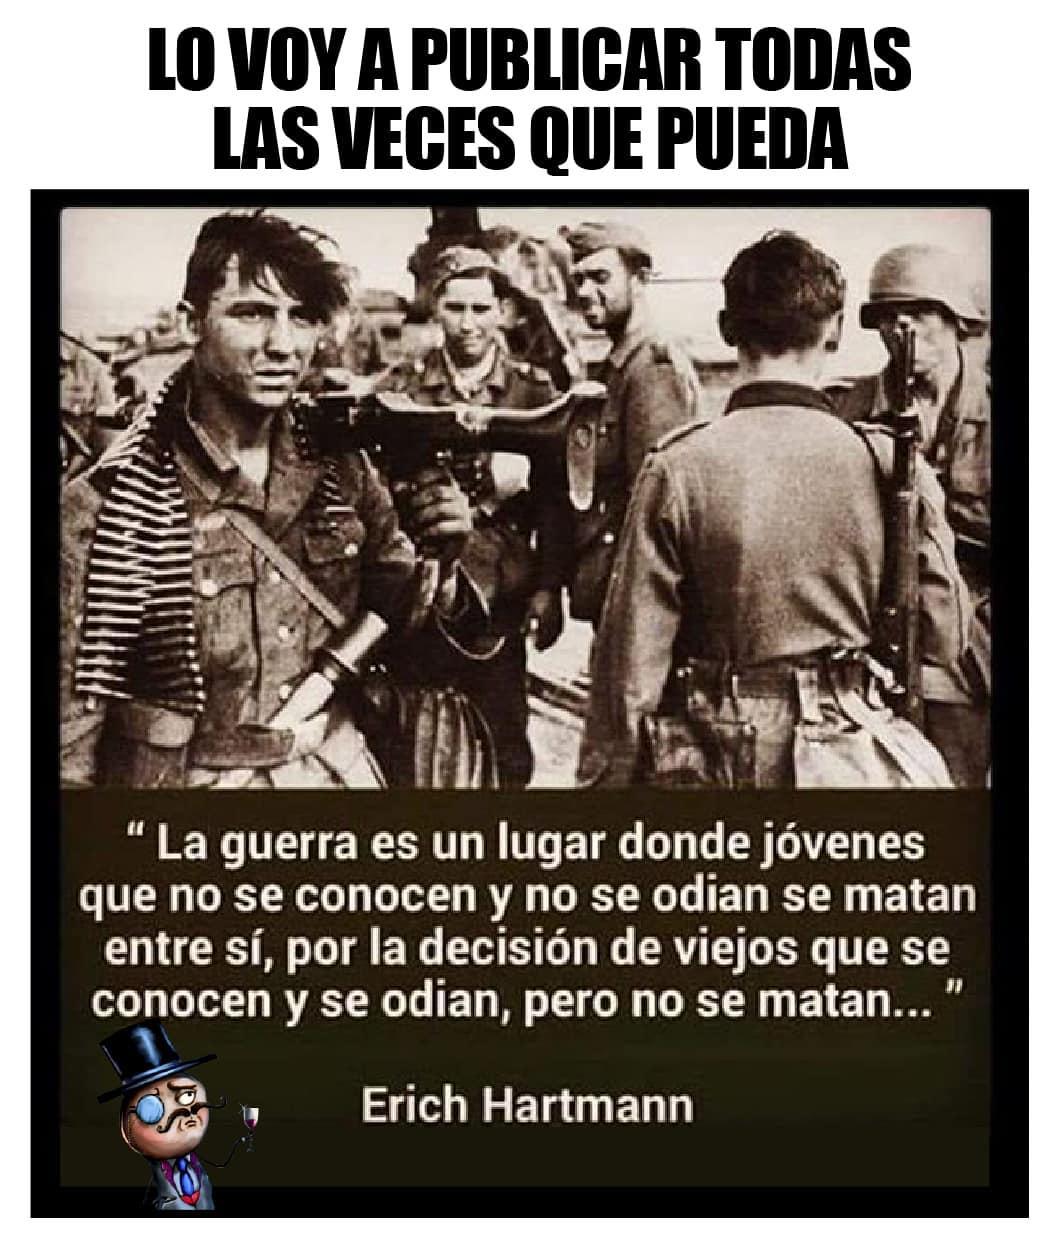 Lo voy a todas las veces que pueda. La guerra es un lugar donde jóvenes que no se conocen y no se odian se matan entre sí, por la decisión de viejos que se conocen y se odian, pero no se matan. Erich Hartmann.